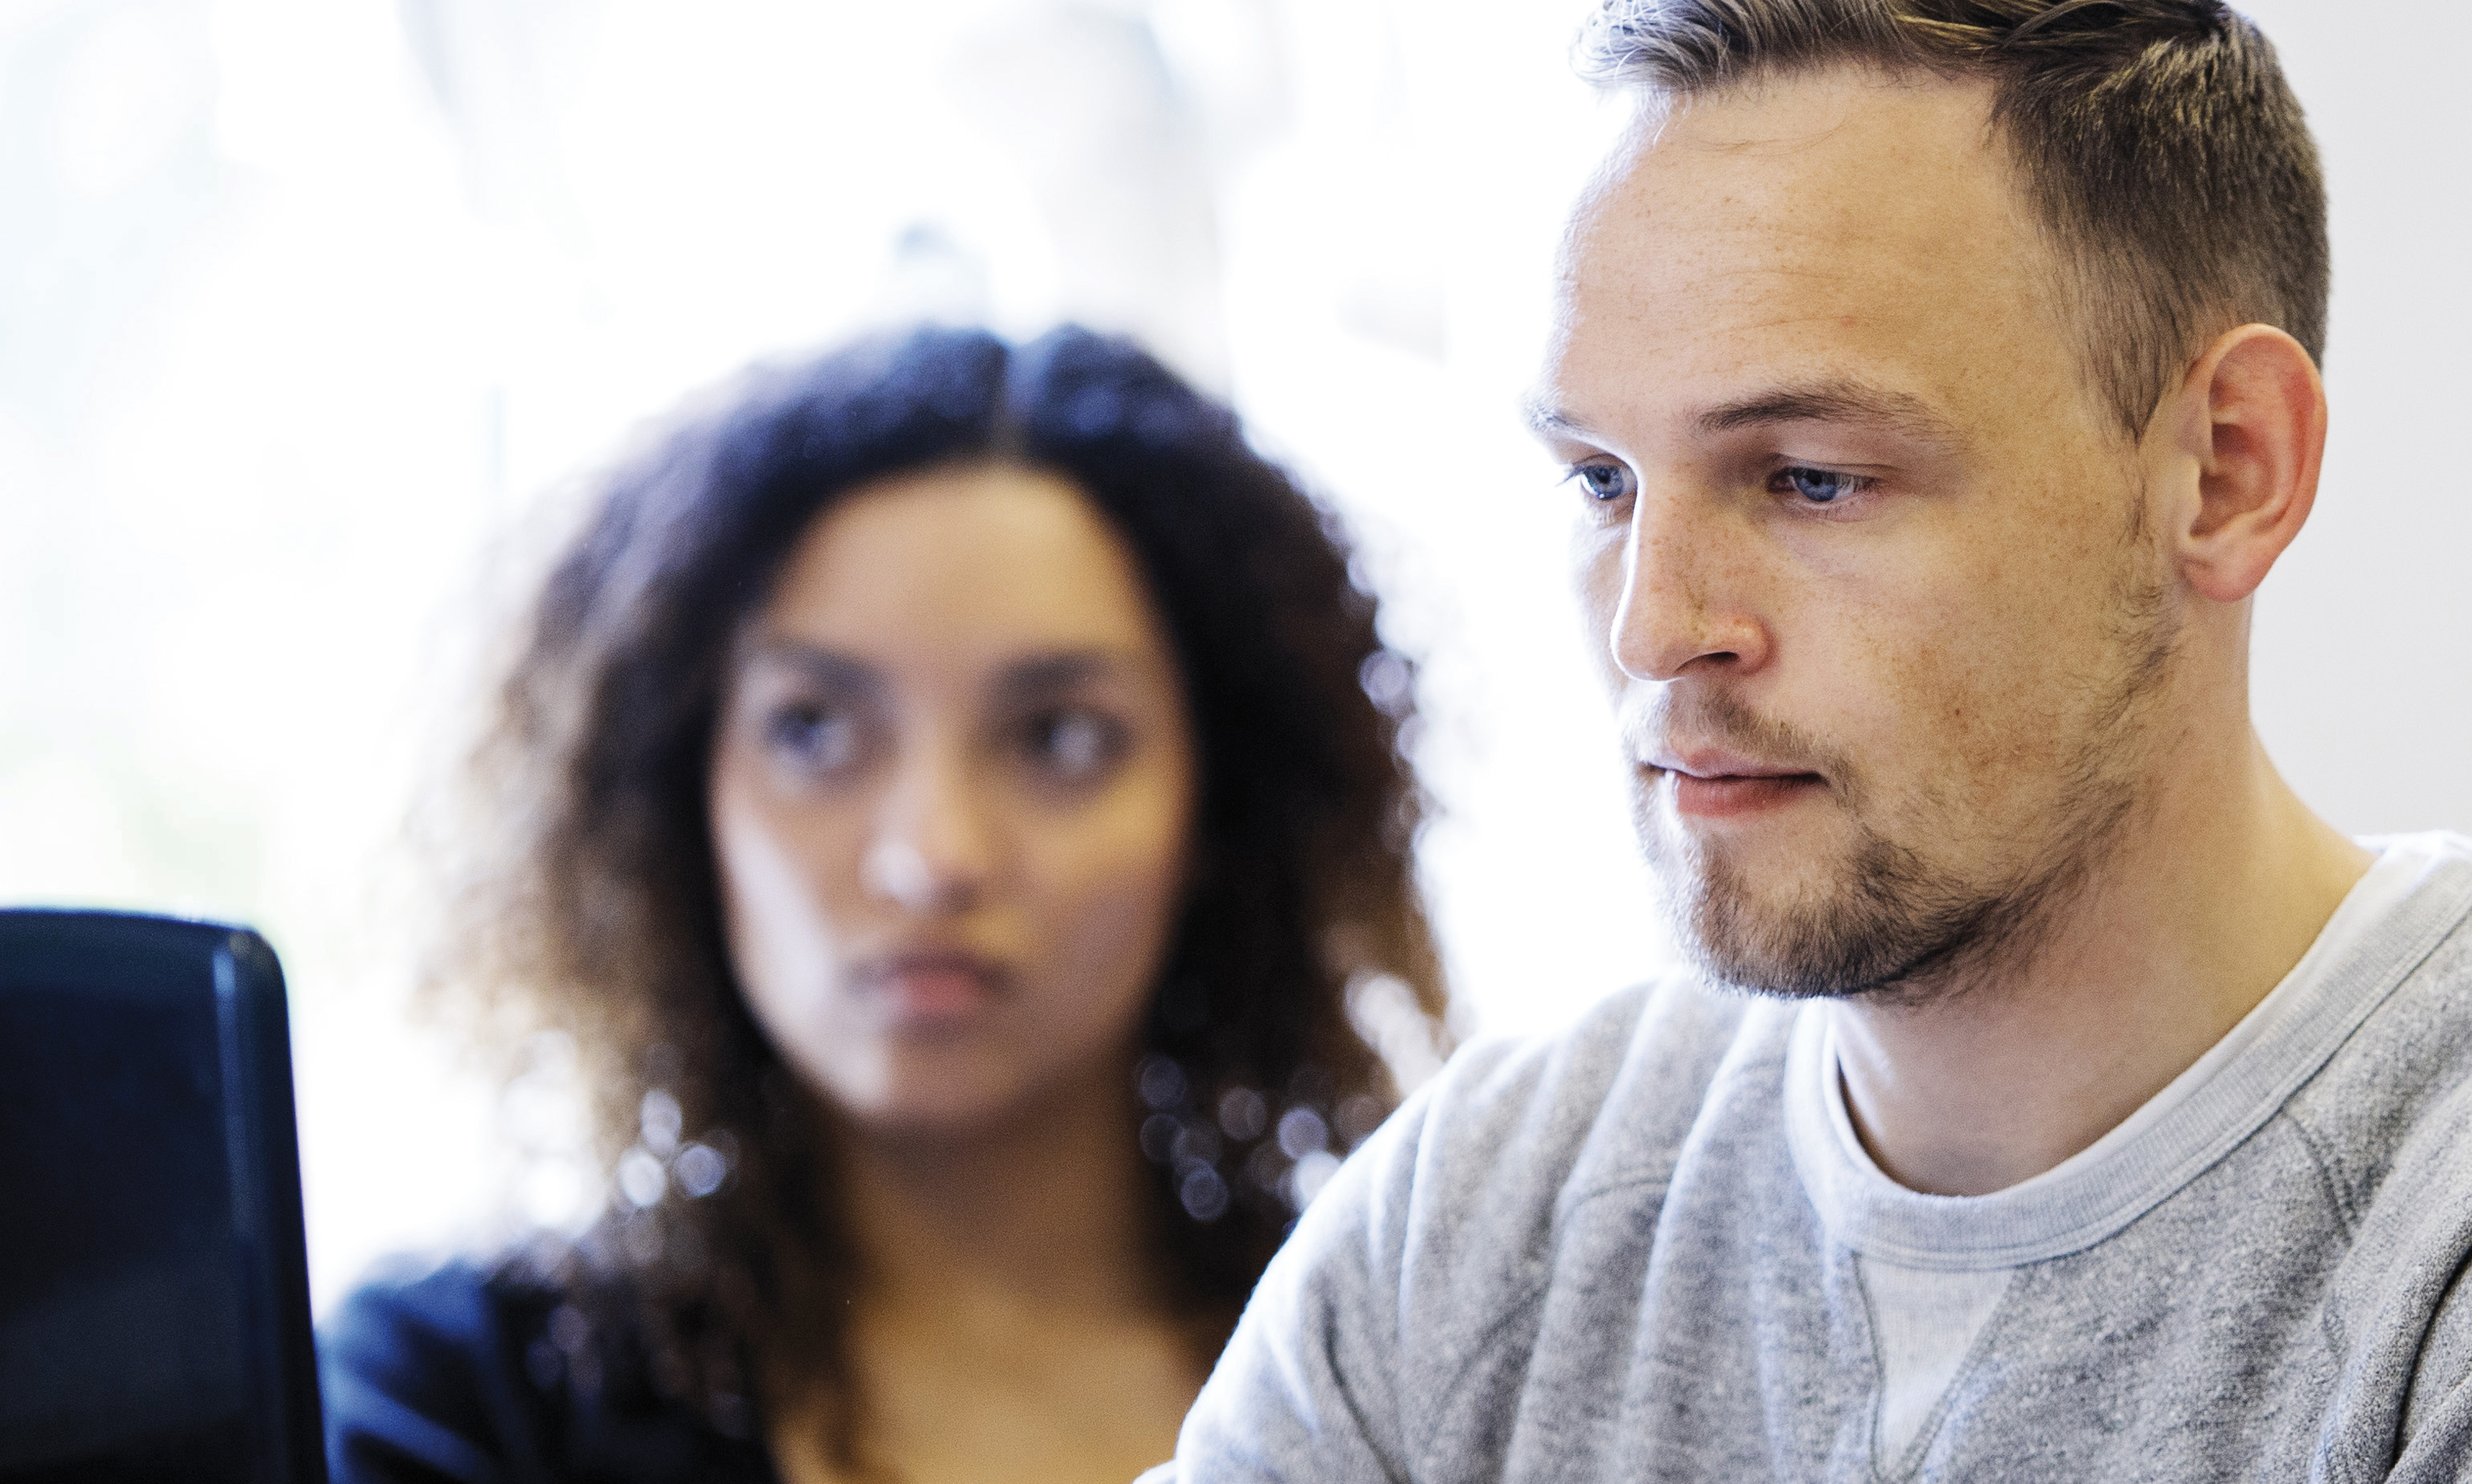 I dag skal vi tale om de tre k'er: Kristendom kultur og kommunikation. Kender du til denne uddannelse?